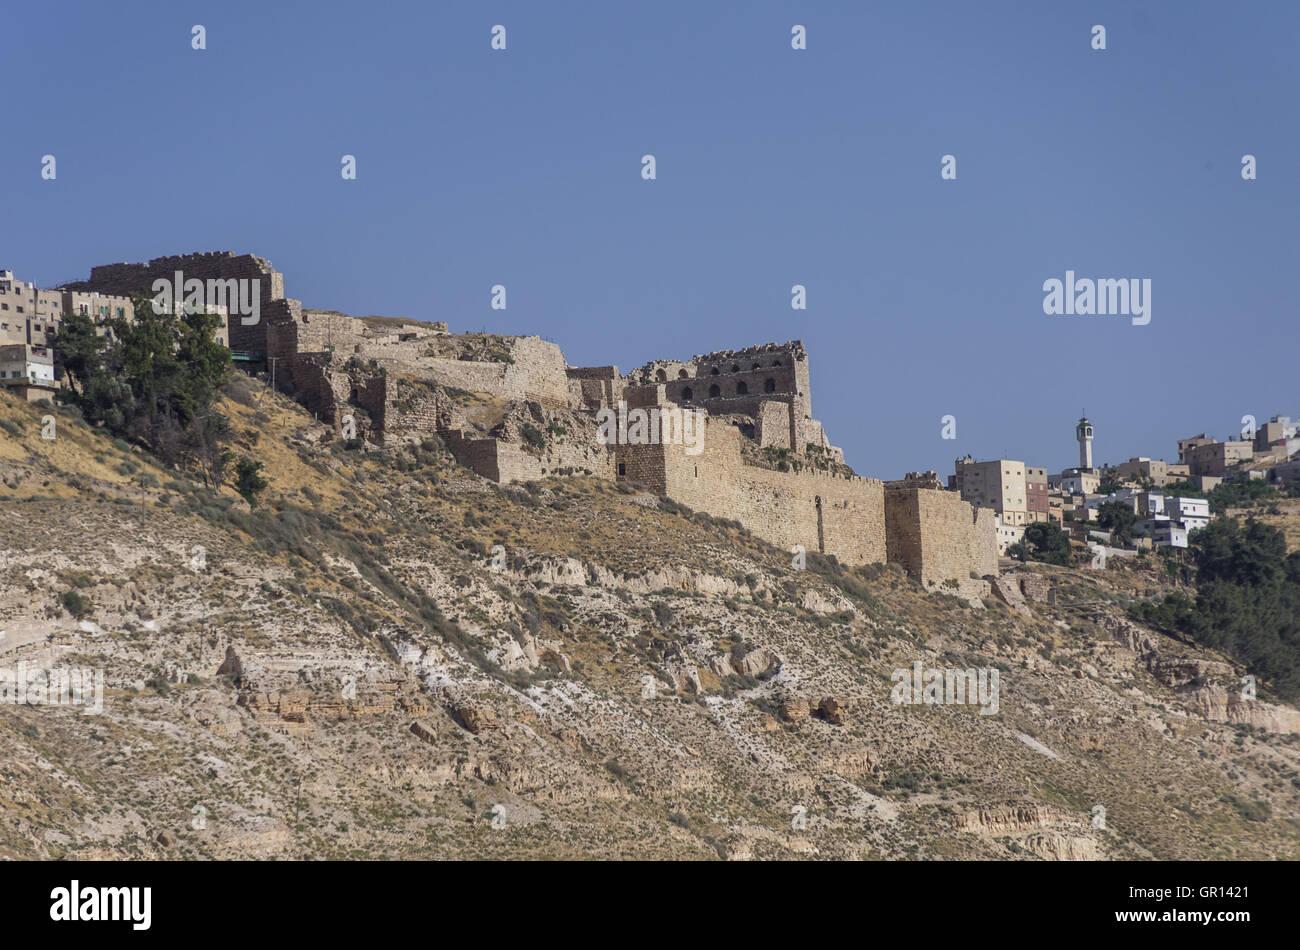 View to the crusader castle Kerak (Al karak) in Jordan Stock Photo